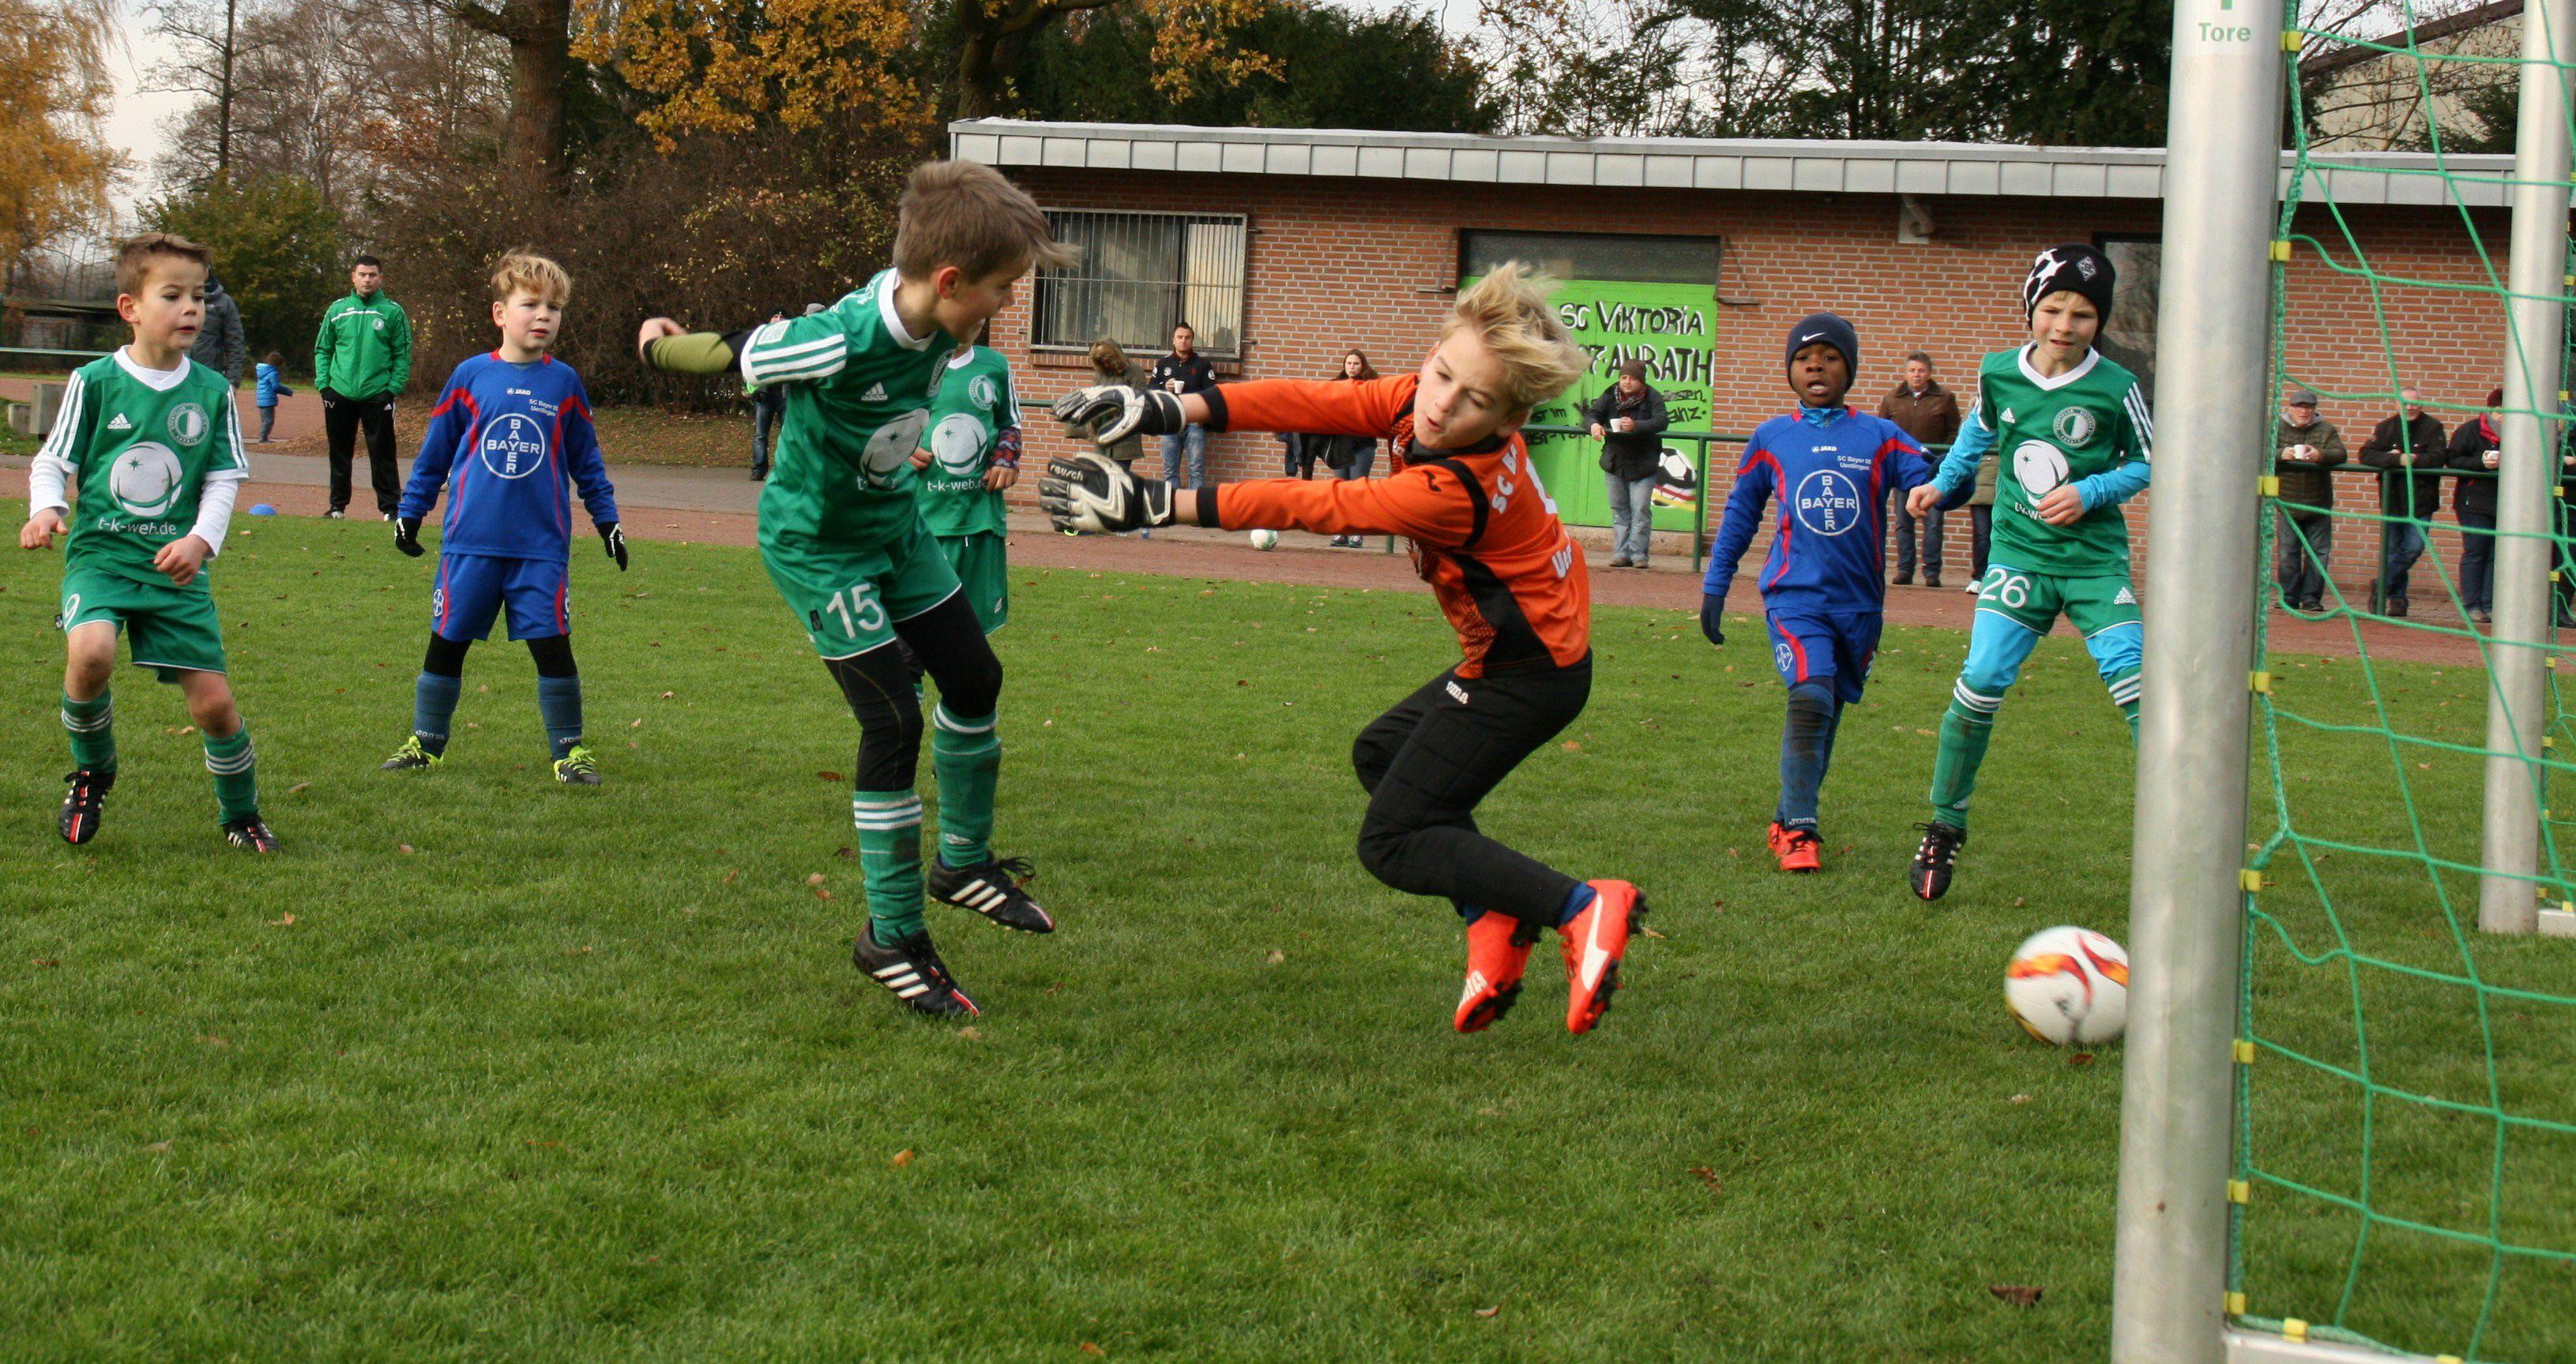 Das Freundschaftsspiel zu Hause gegen Bayer Uerdingen haben wir 8:1 gewonnen. Mehr unter vajg08.com